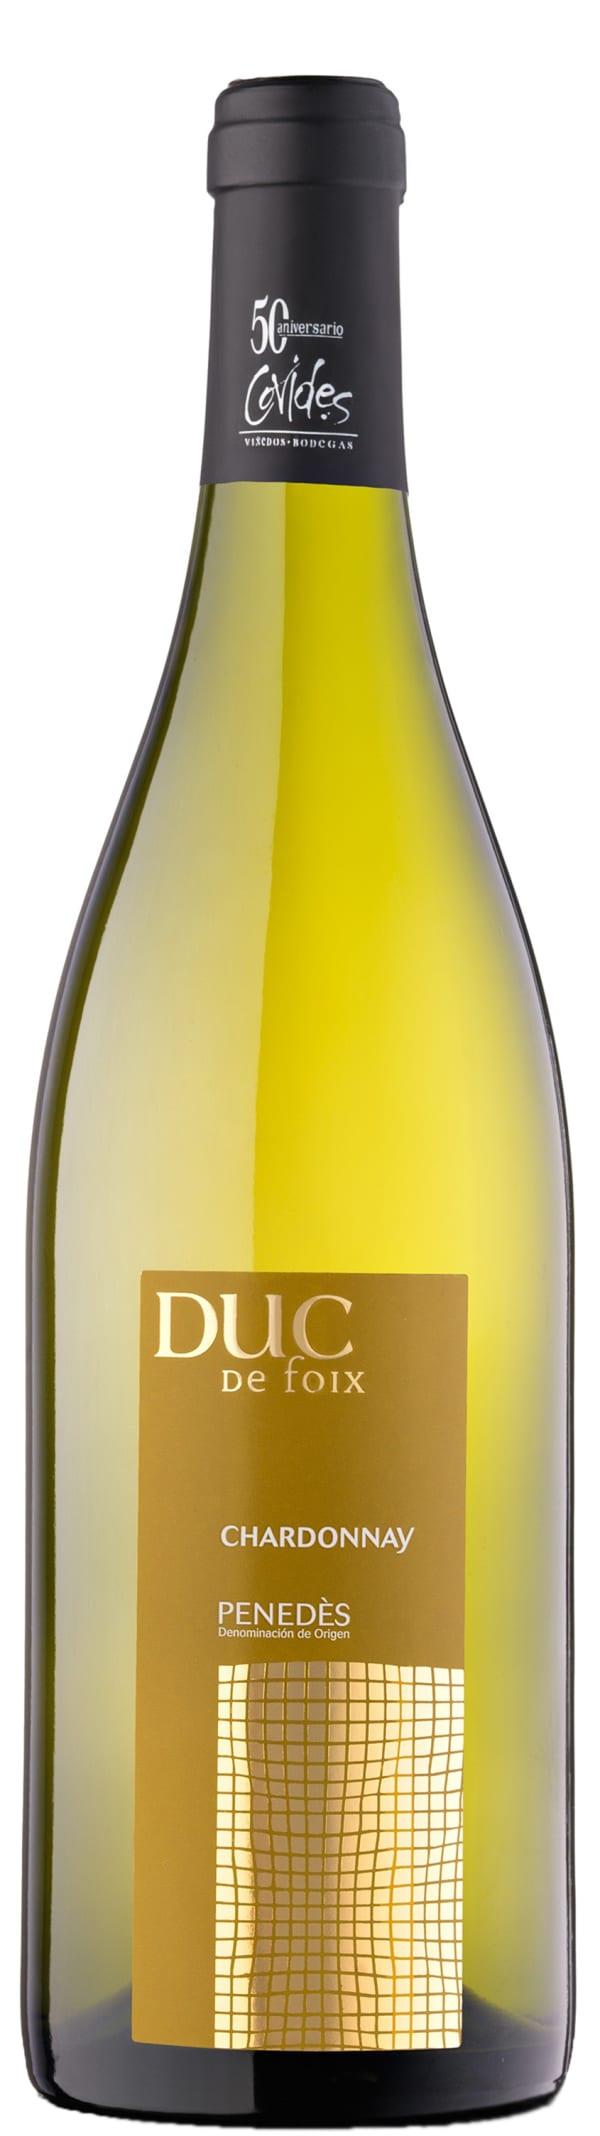 Duc de Foix Chardonnay